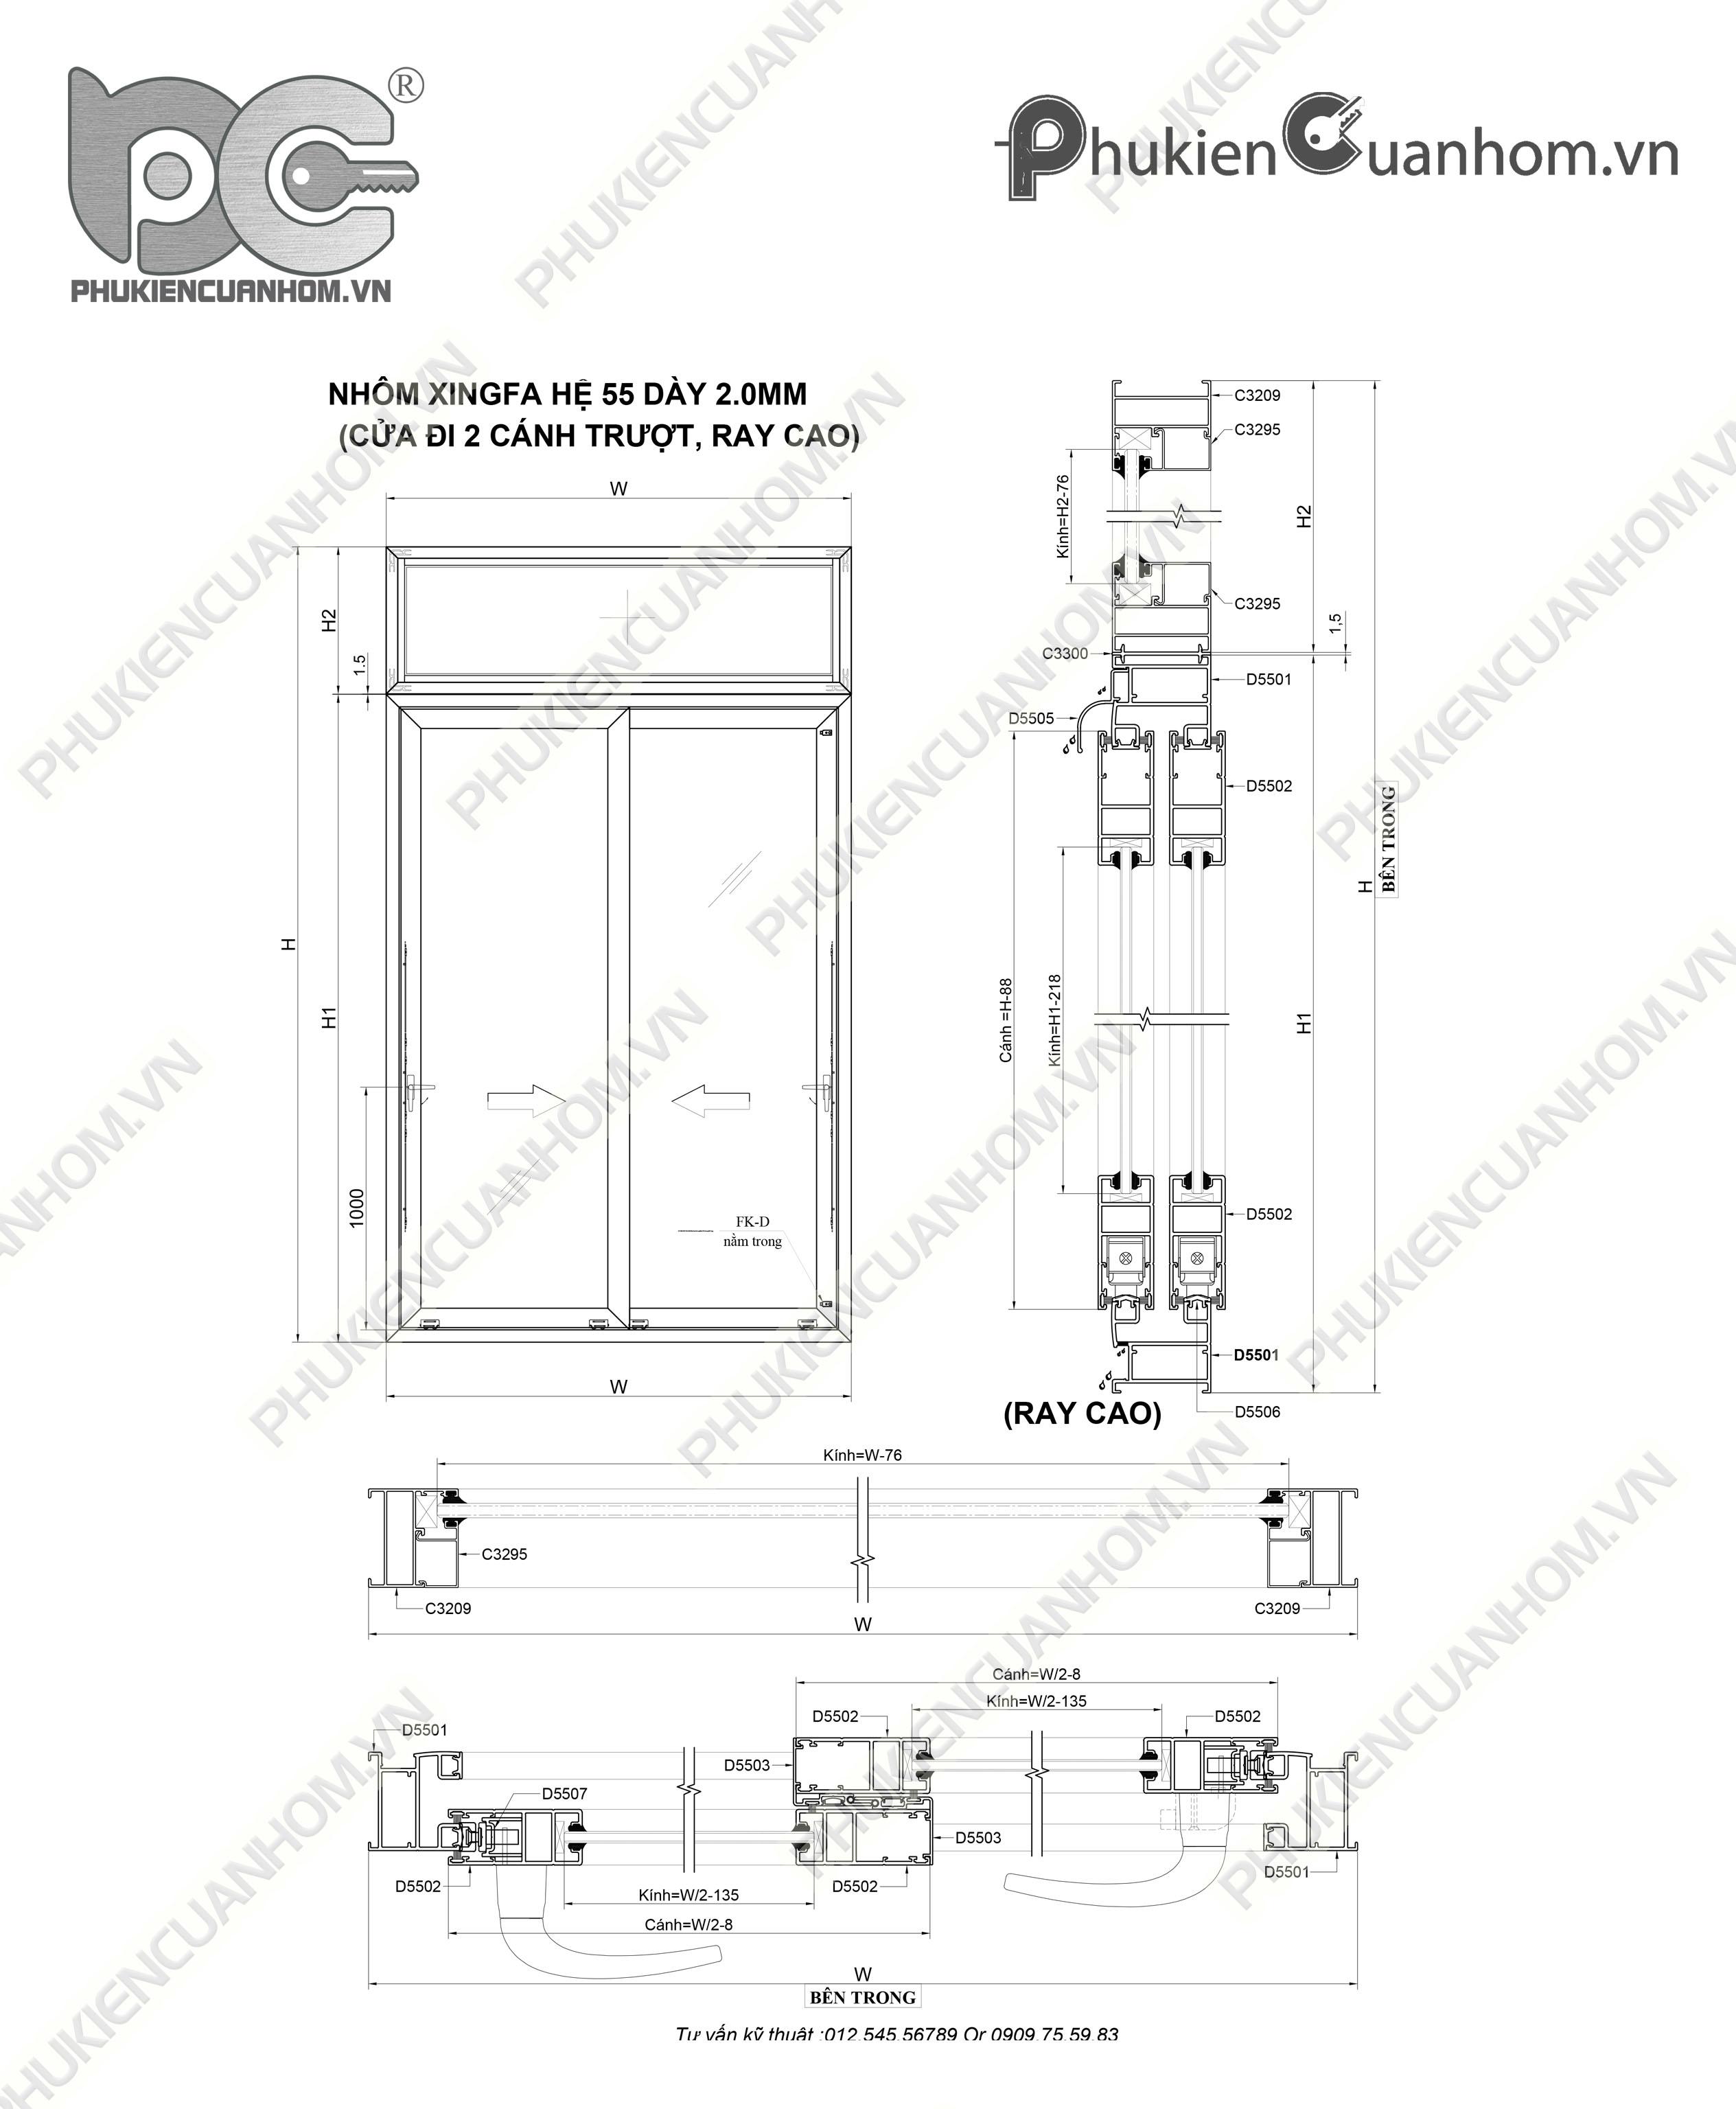 Cách trừ cửa đi lùa hệ 55 dày 2,0mm nhôm Xingfa nhập khẩu